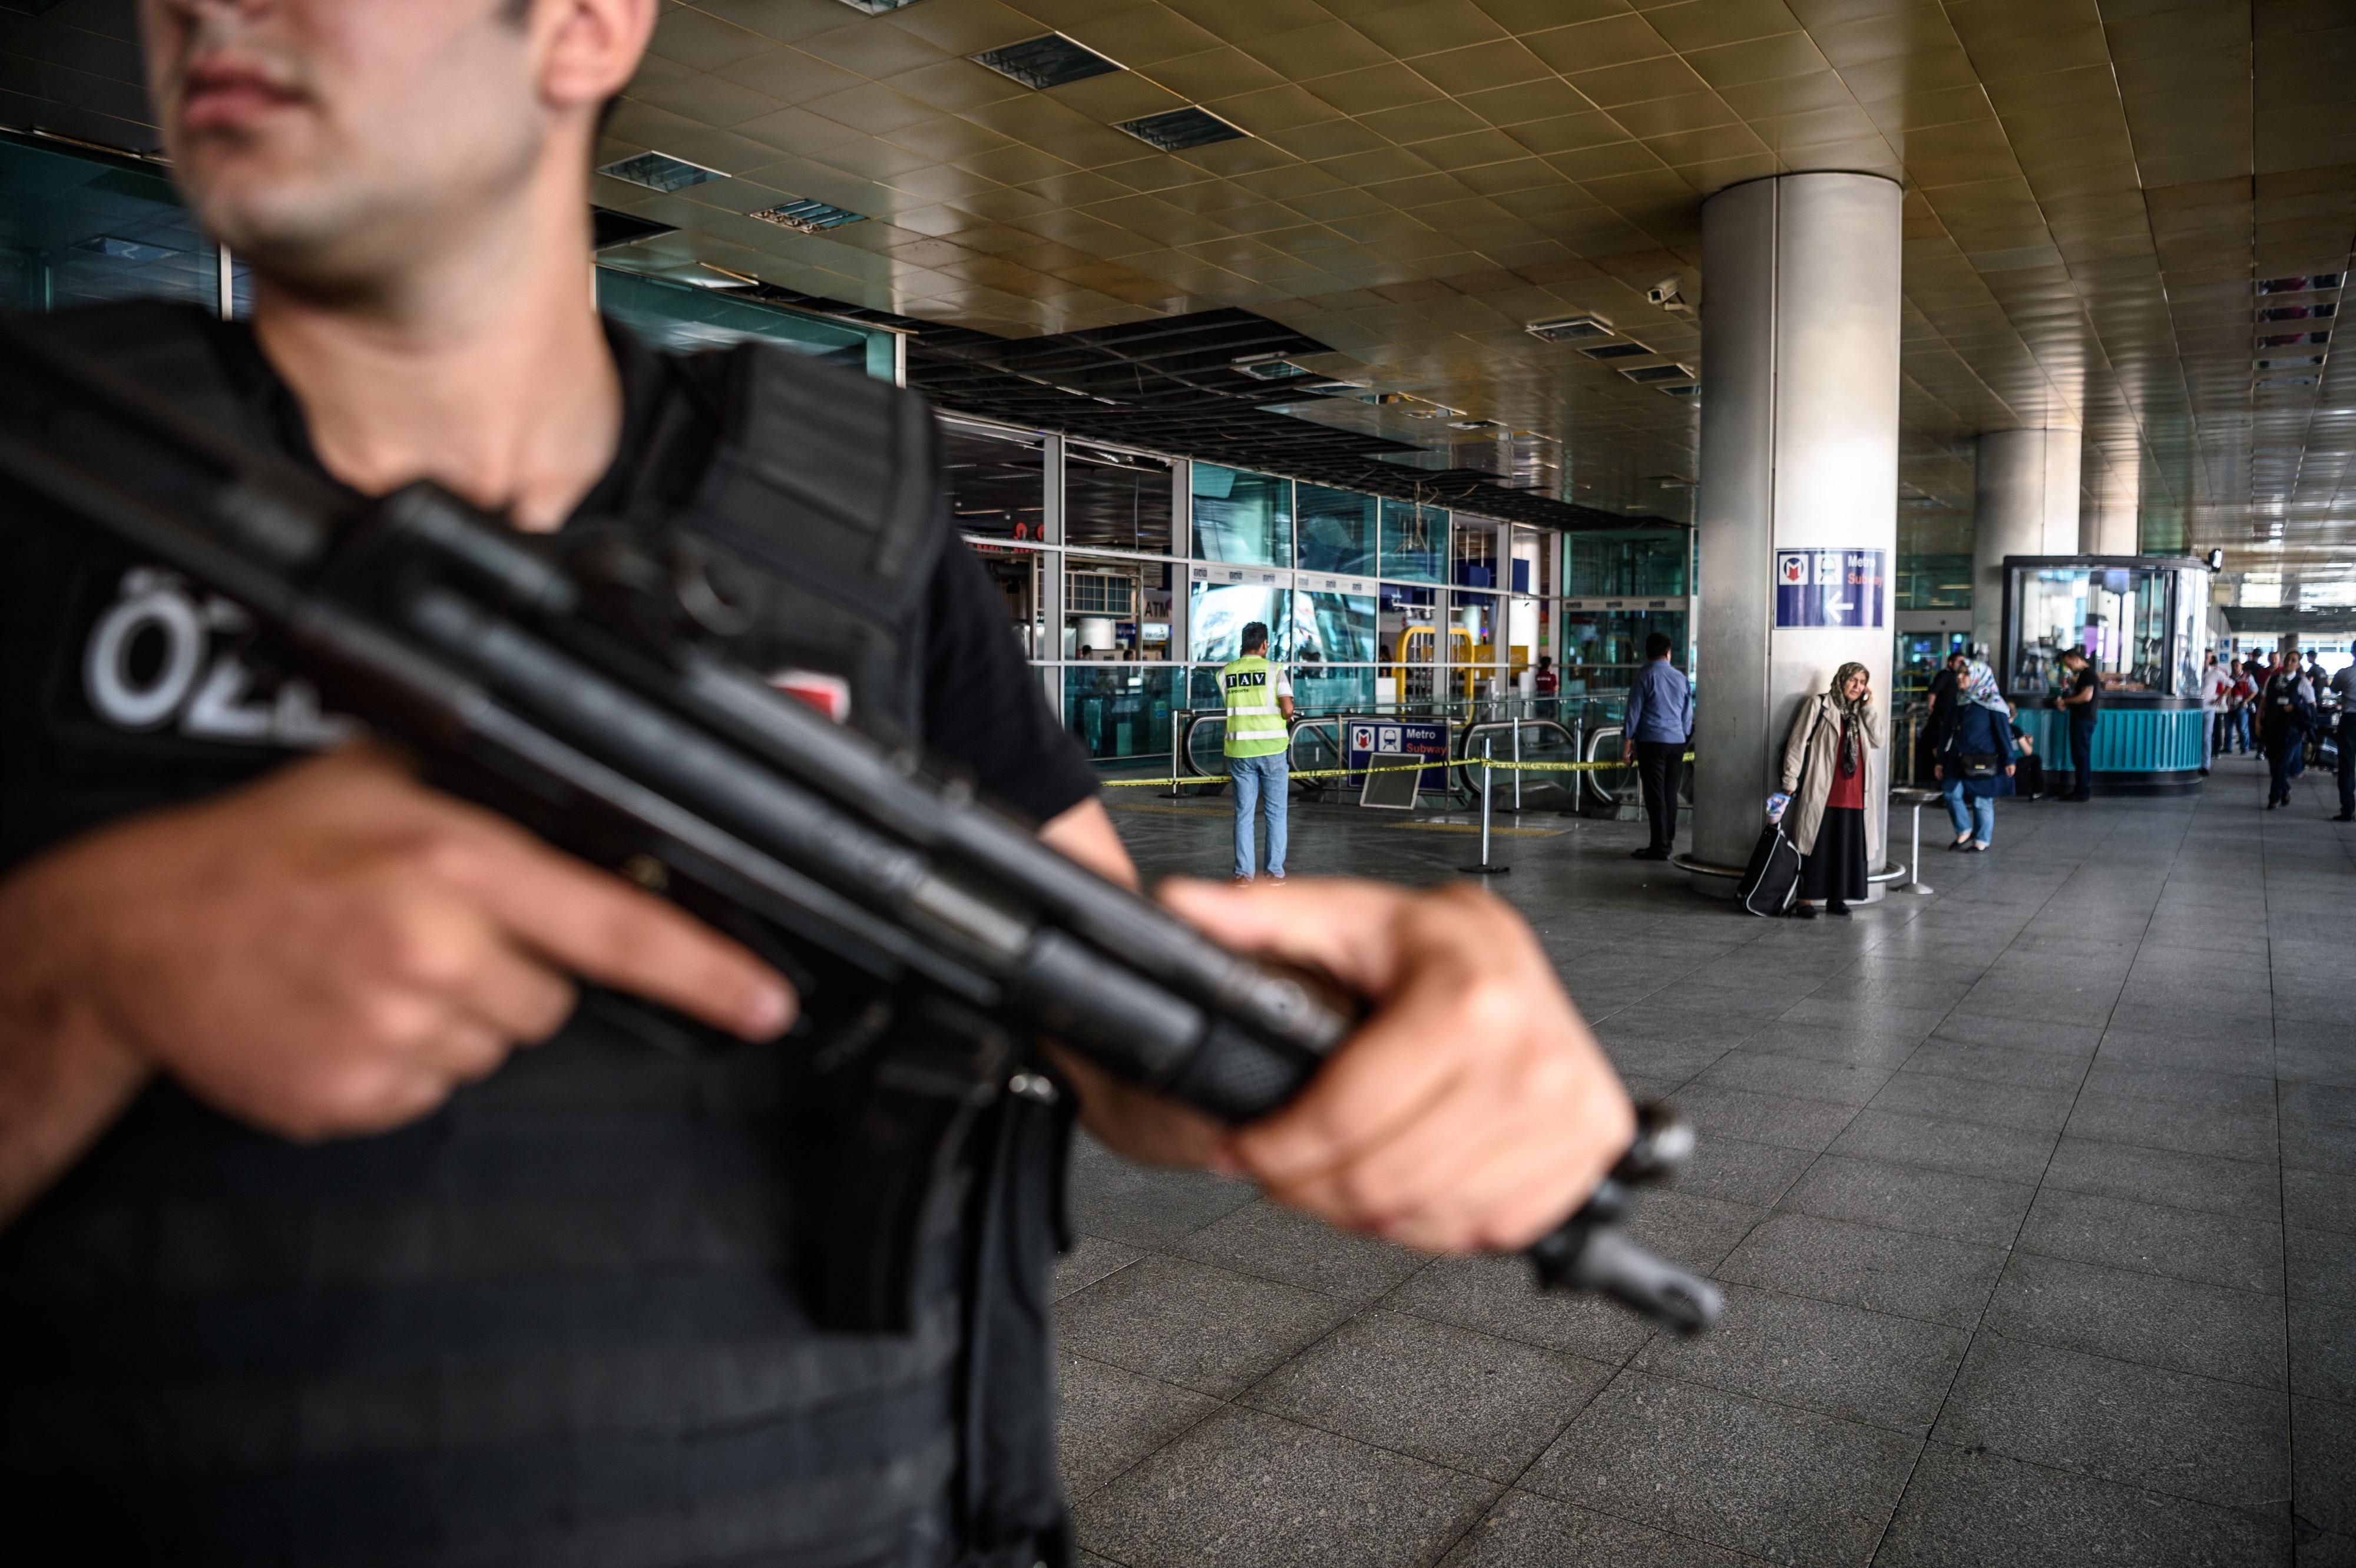 Nouveaux indices sur l'identité et les intentions des kamikazes — Attentat d'Istanbul